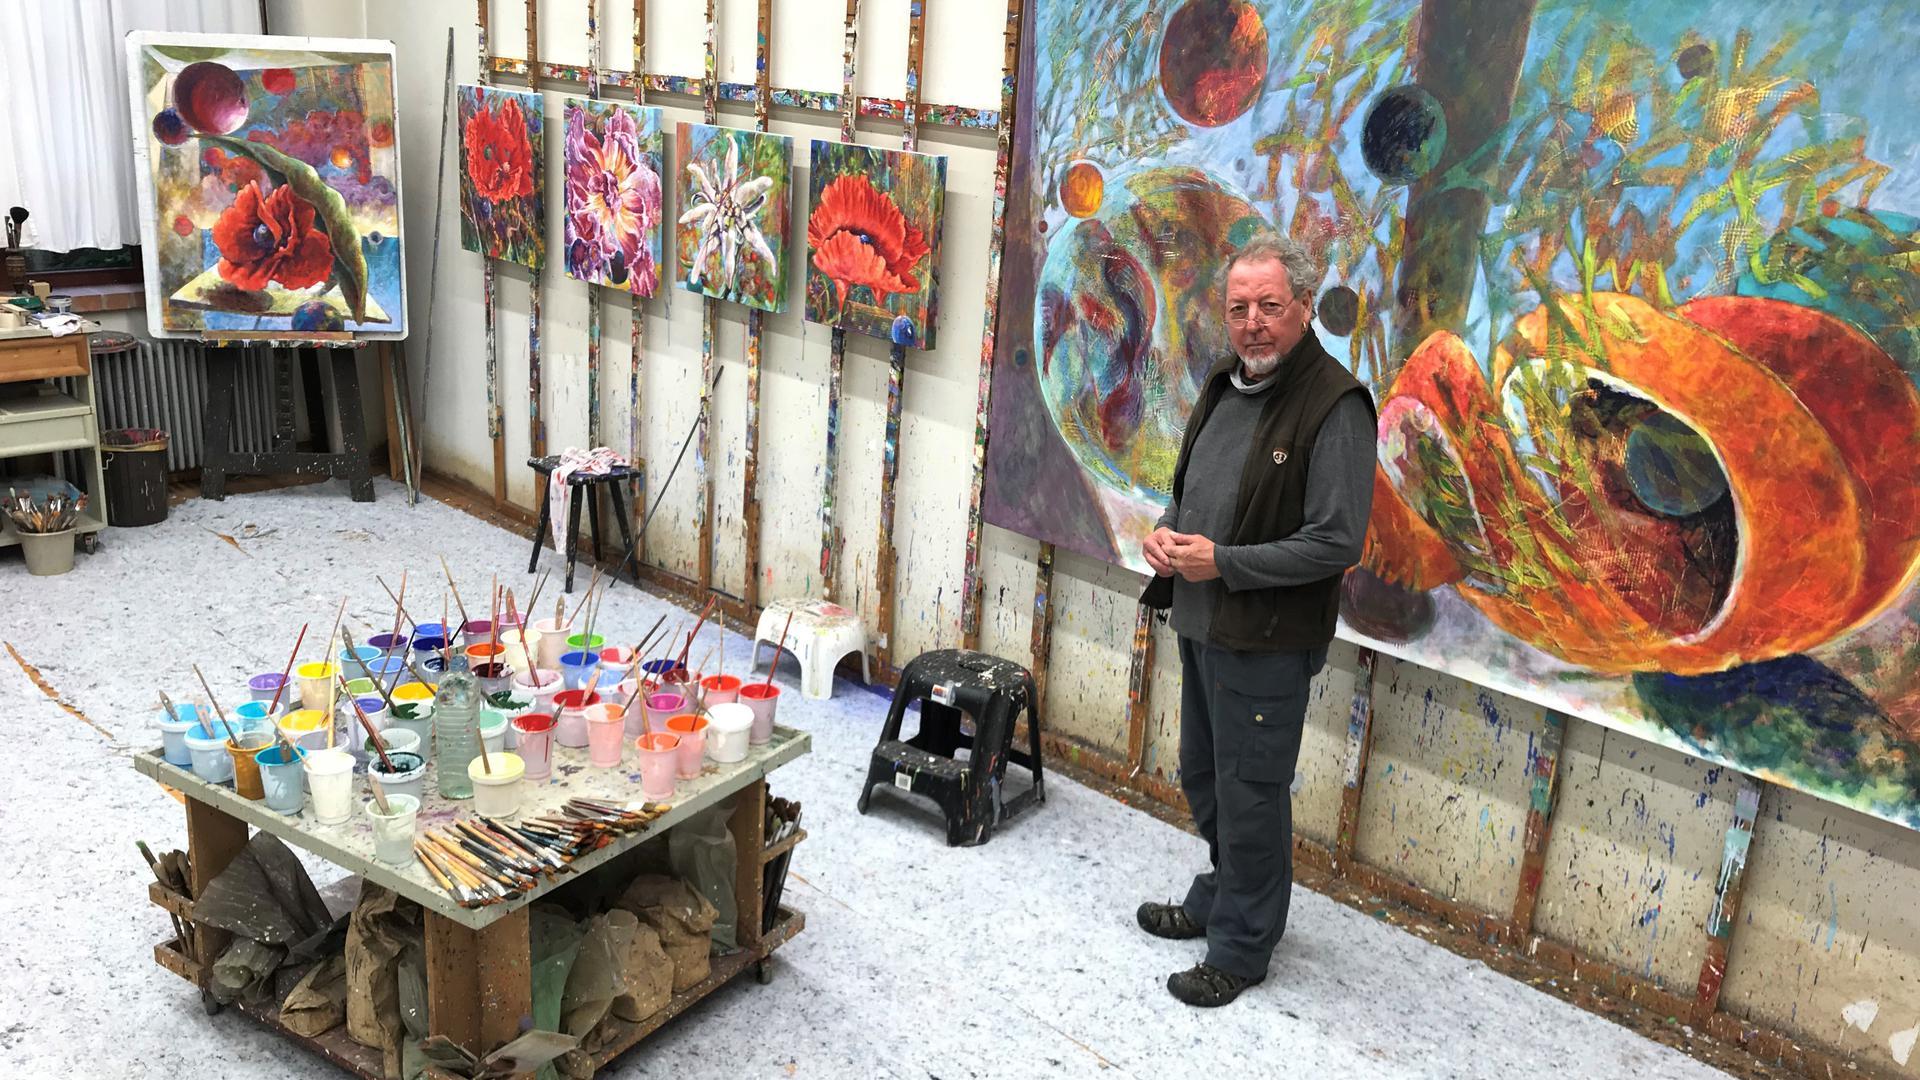 Ein Mann steht vor einem großformatigen Kunstwerk, daneben hängen viele kleiner Bilder, die vorrangig Blüten zeigen.